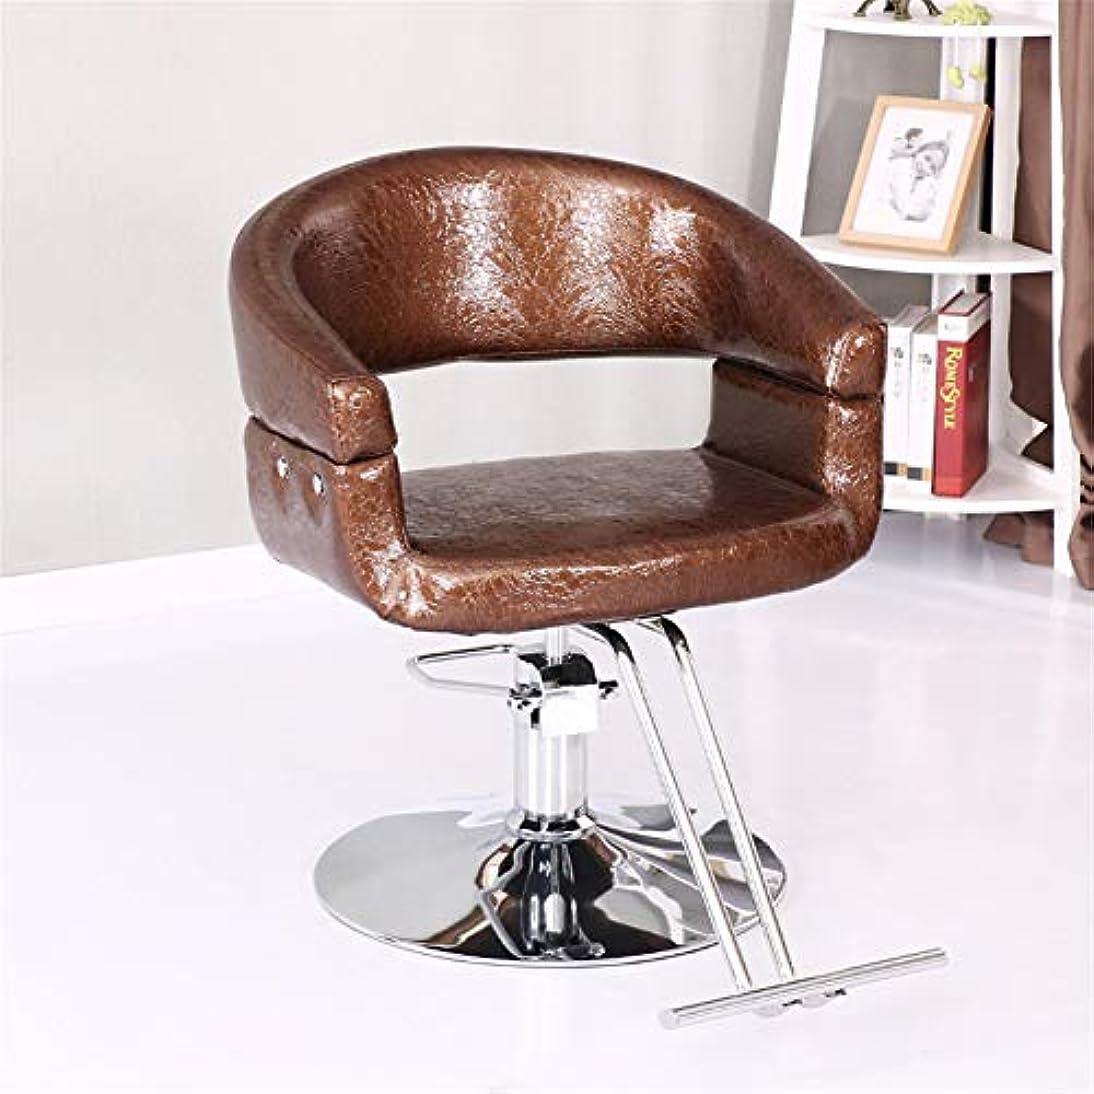 特権パーセントカウンターパートSalon Chair Fashion Hydraulic Barber Chair Styling Beauty Salon Equipment Round Base Stable Comfort,Brown,B